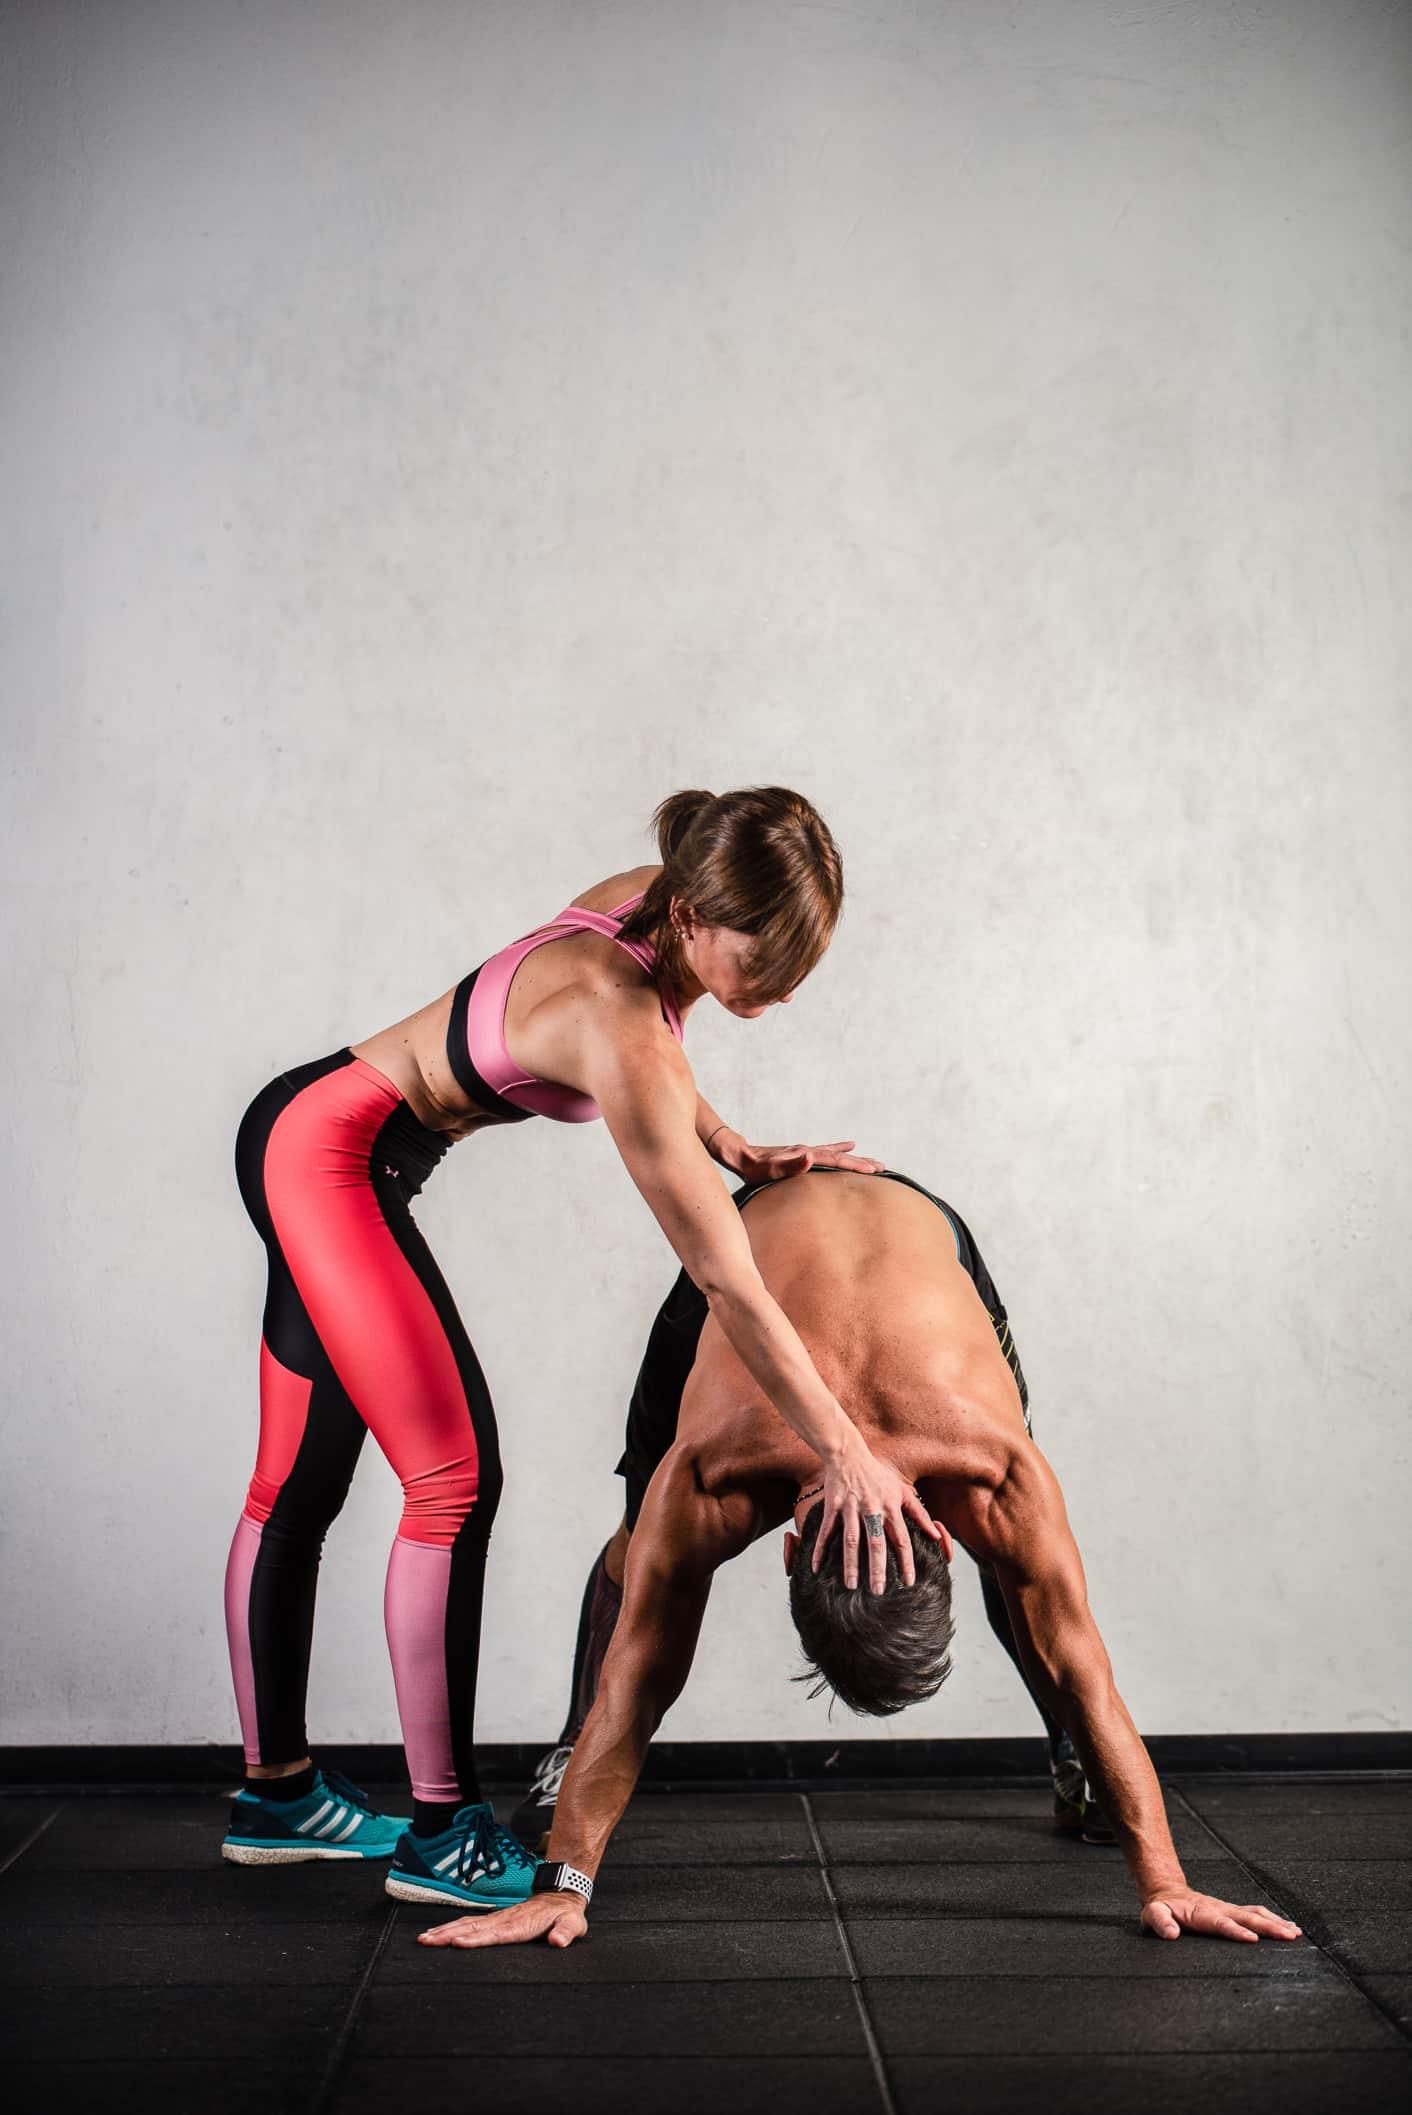 personal trainer di milano con pantaloni rossi e top nero durante una sessione di personal training con ragazzo a torso nudo